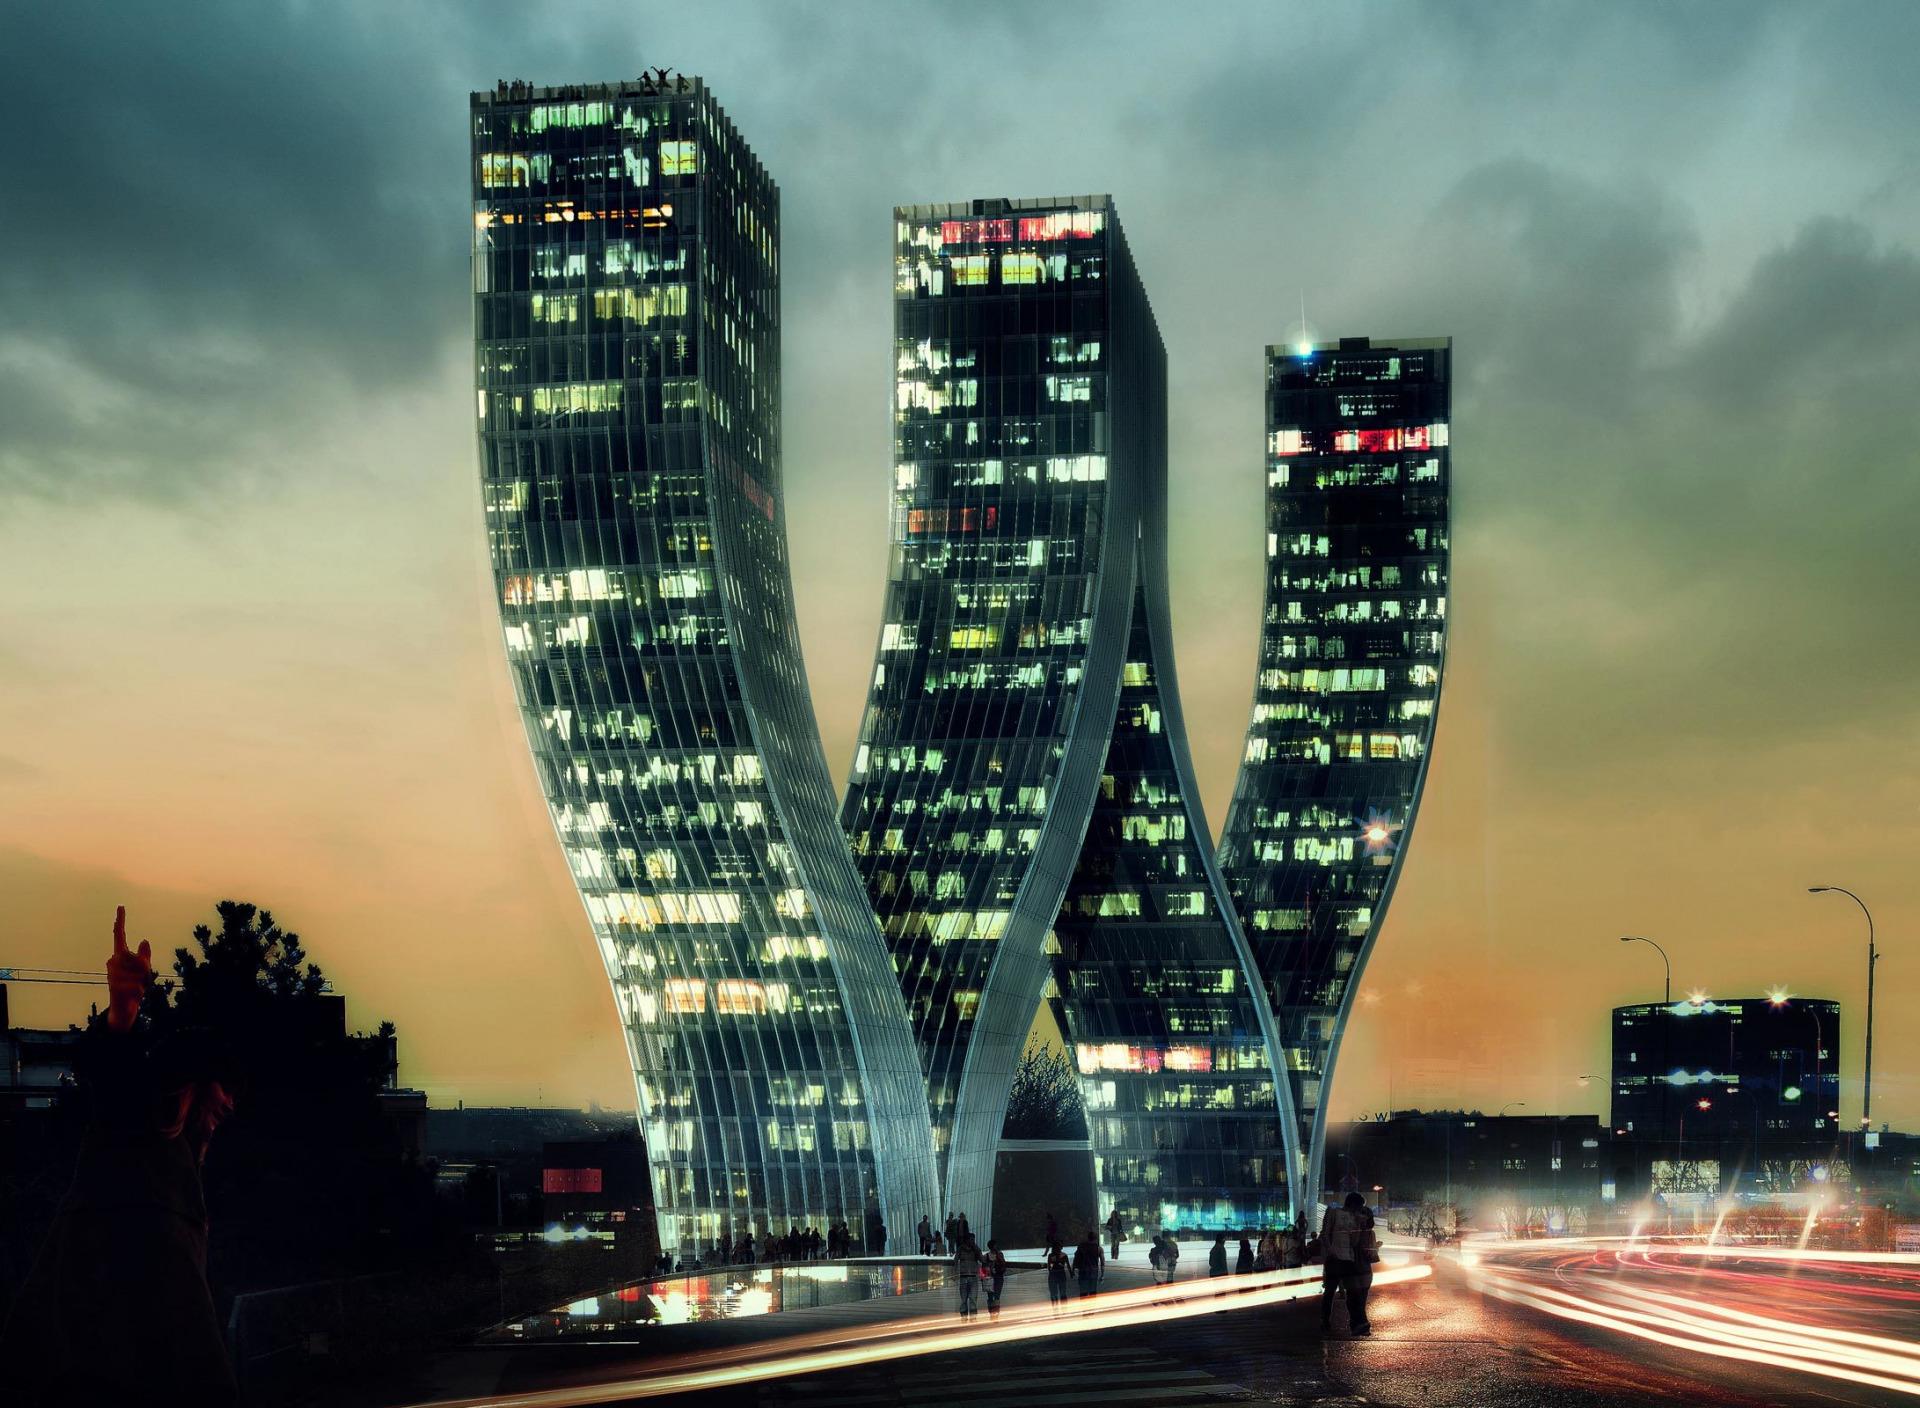 Картинки зданий разной архитектуры